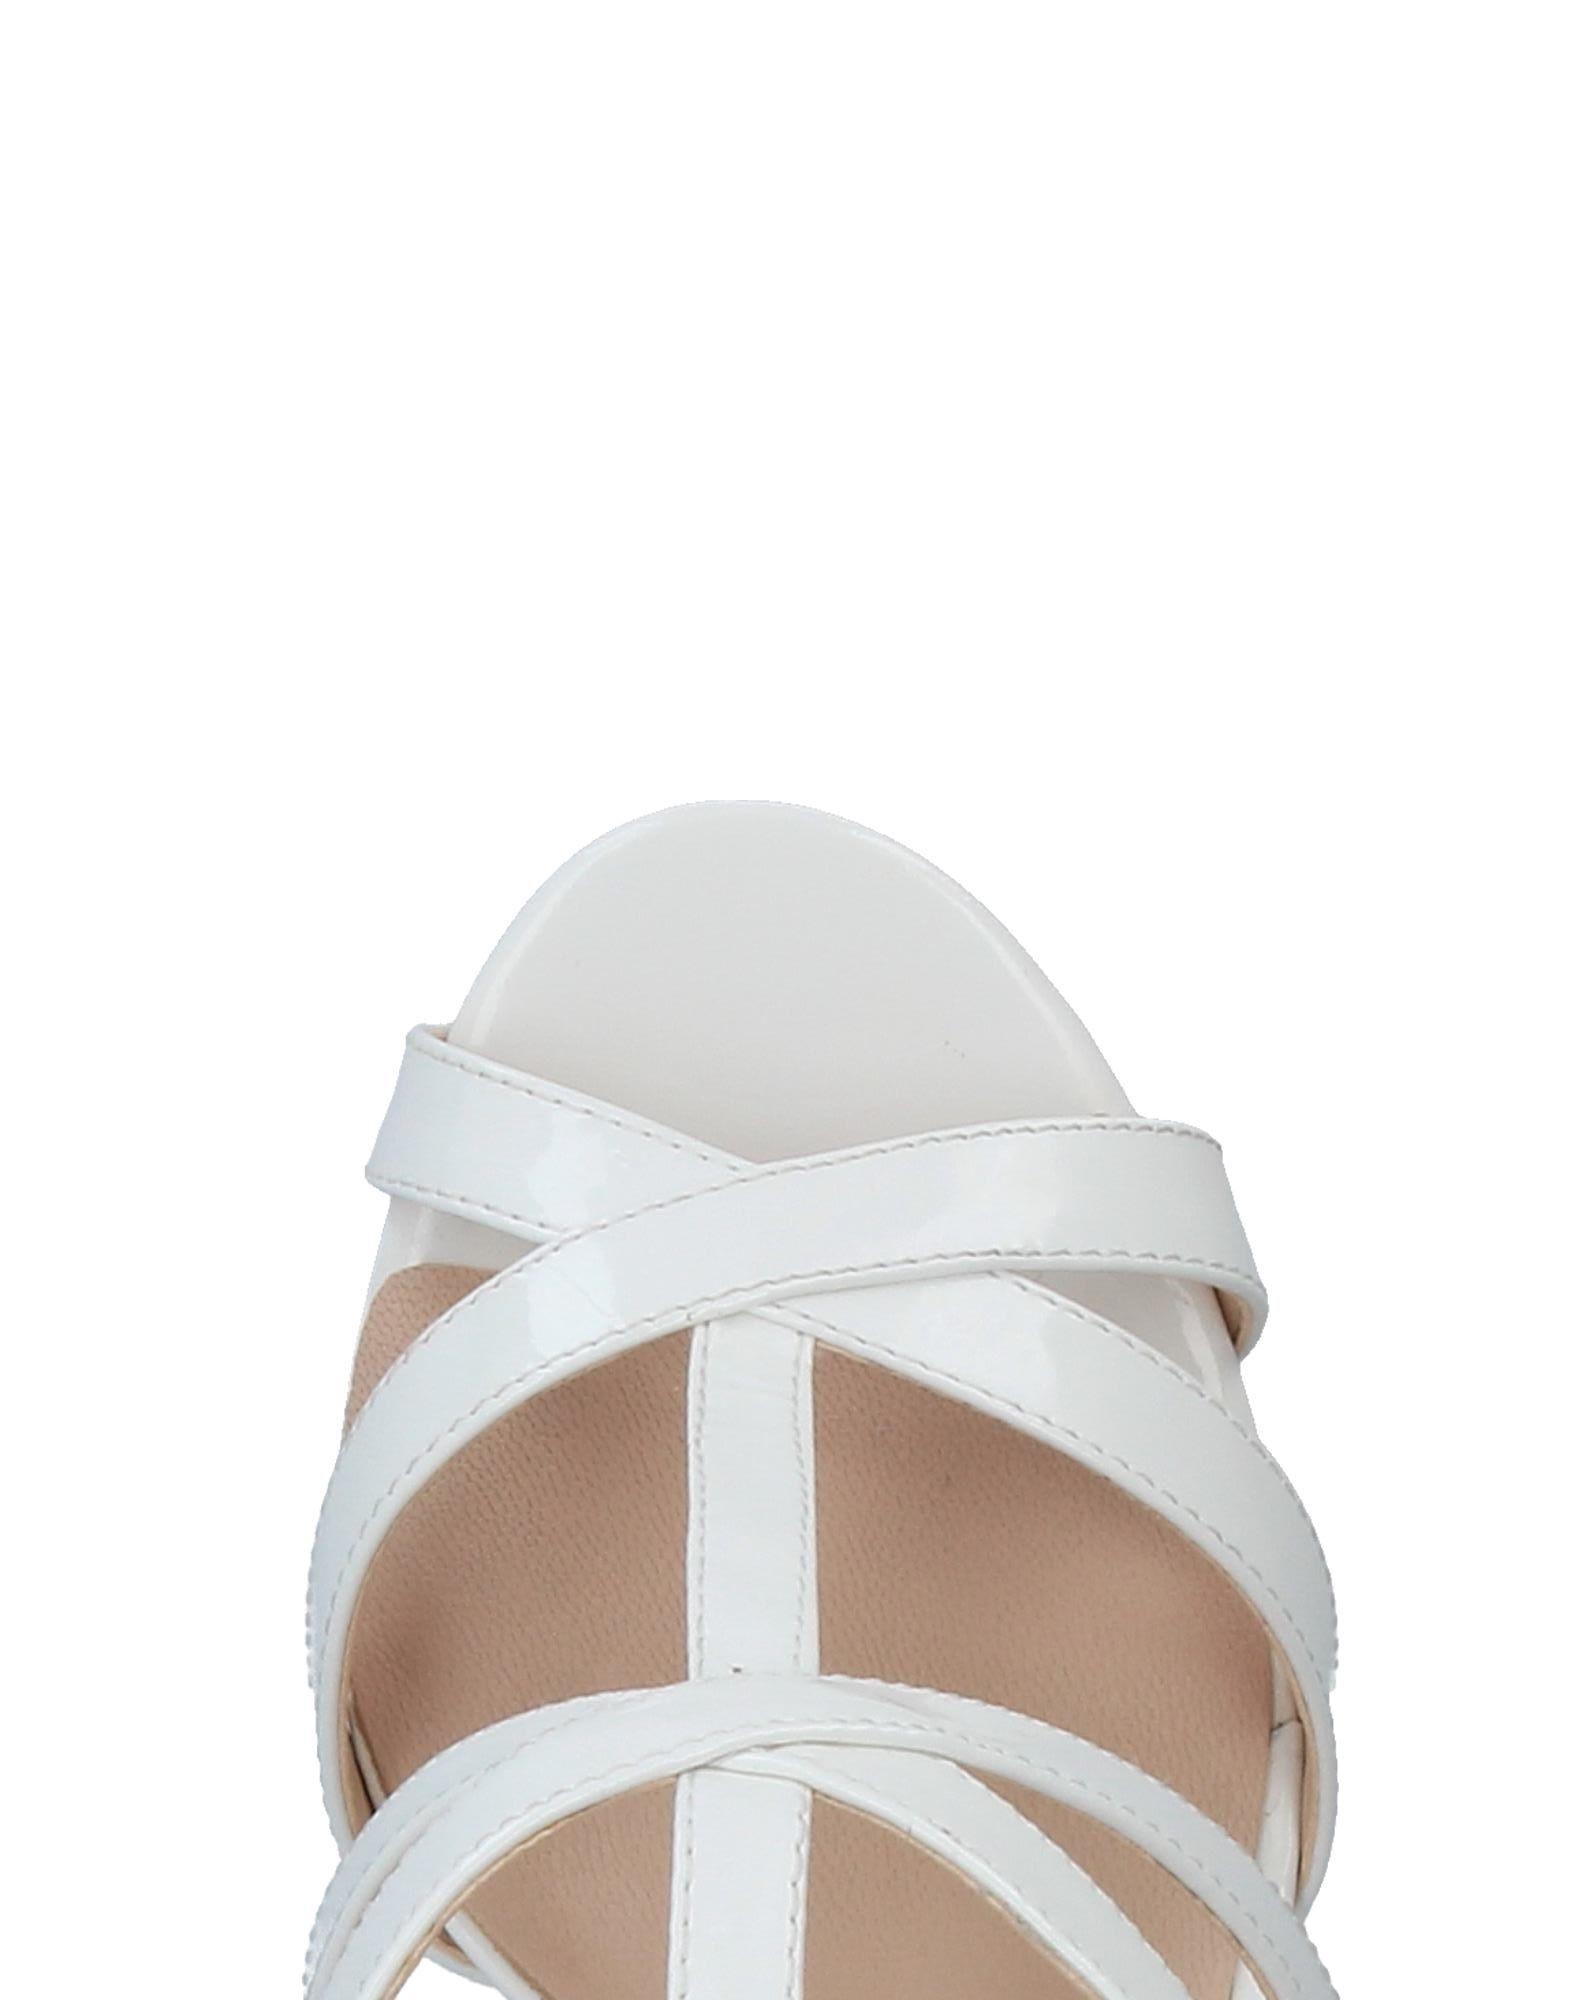 Klassischer Stil-1838,Guess Sandalen lohnt Damen Gutes Preis-Leistungs-Verhältnis, es lohnt Sandalen sich 4aa49d